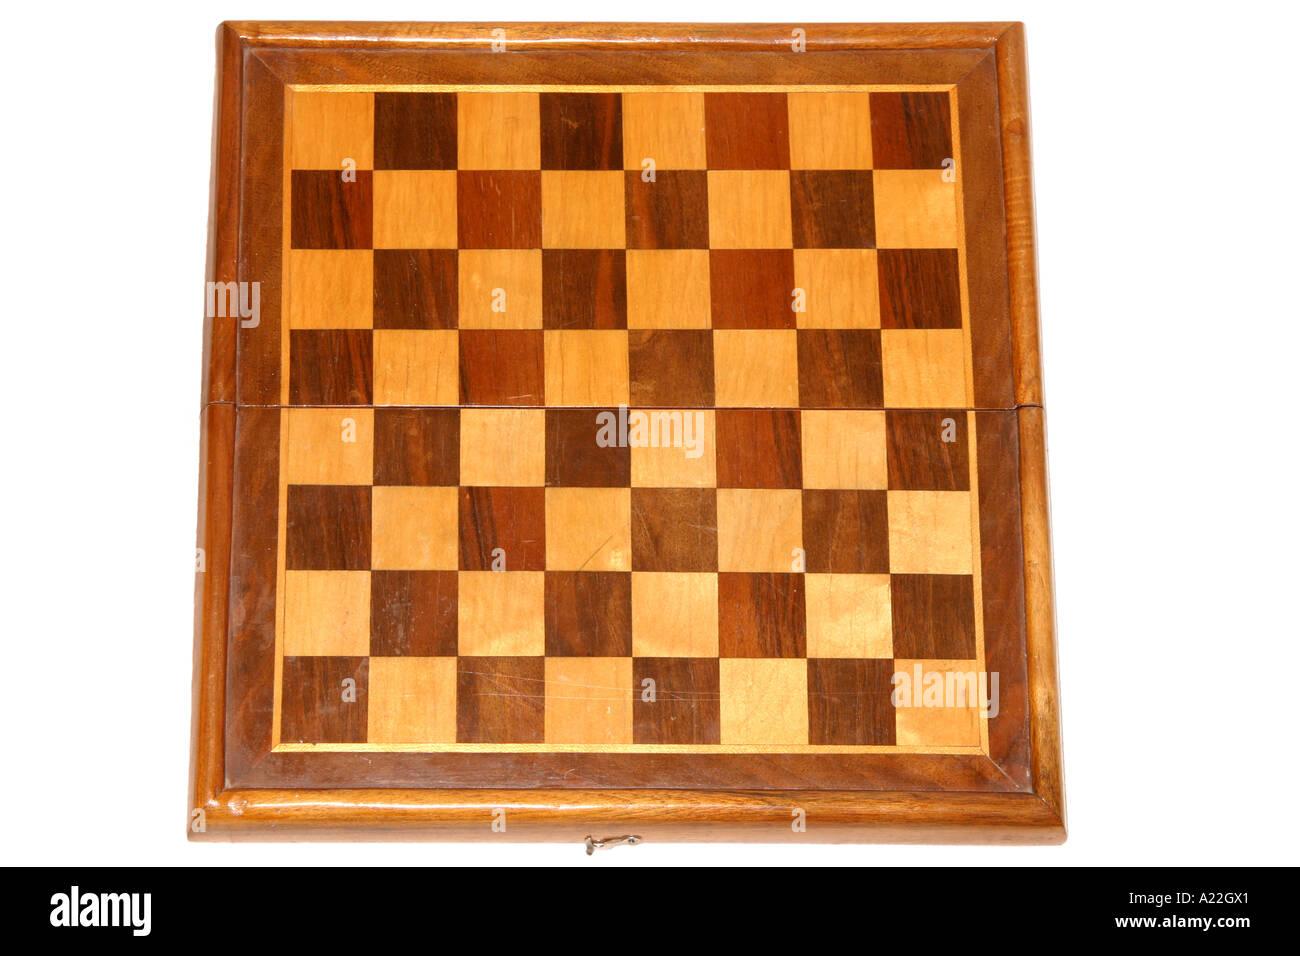 Vecchia scacchiera di legno dal di sopra Immagini Stock